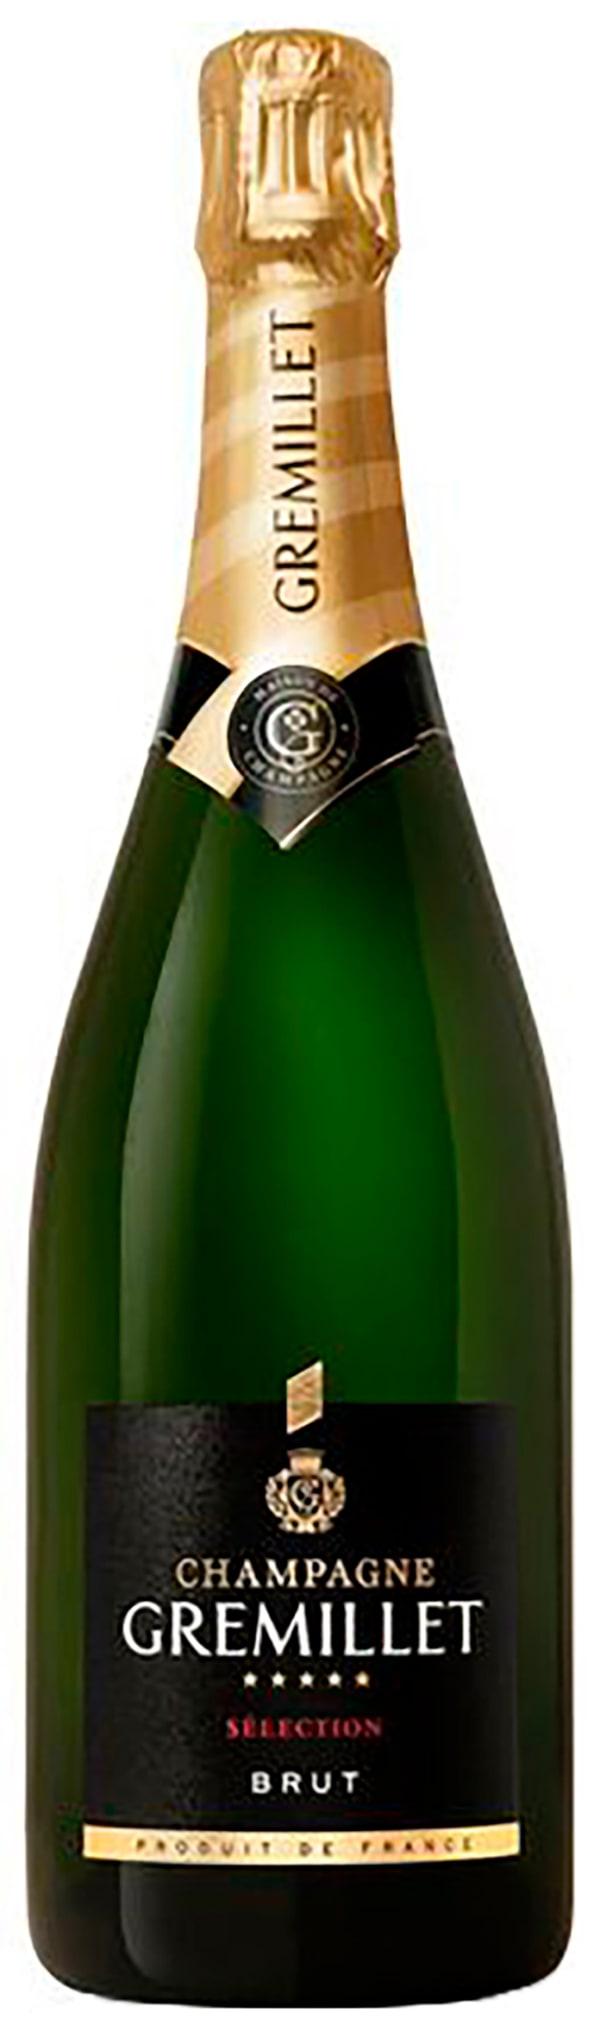 Gremillet Champagne Brut